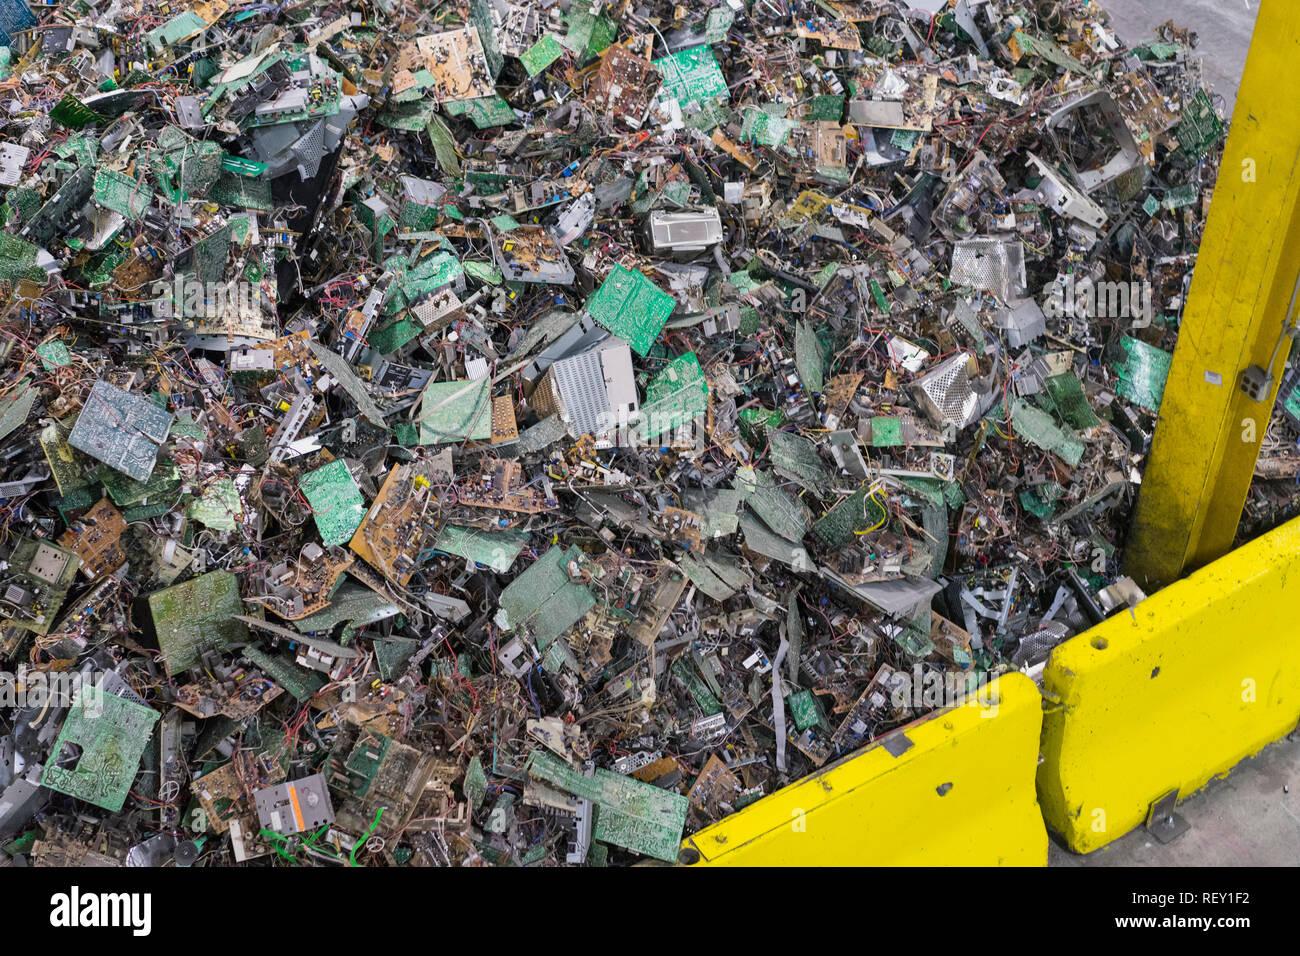 Computer nel cestino dei rifiuti tecnologici di riciclo dei rifiuti elettronici in attesa di essere smantella elettronica dei rifiuti riciclabili. Immagini Stock